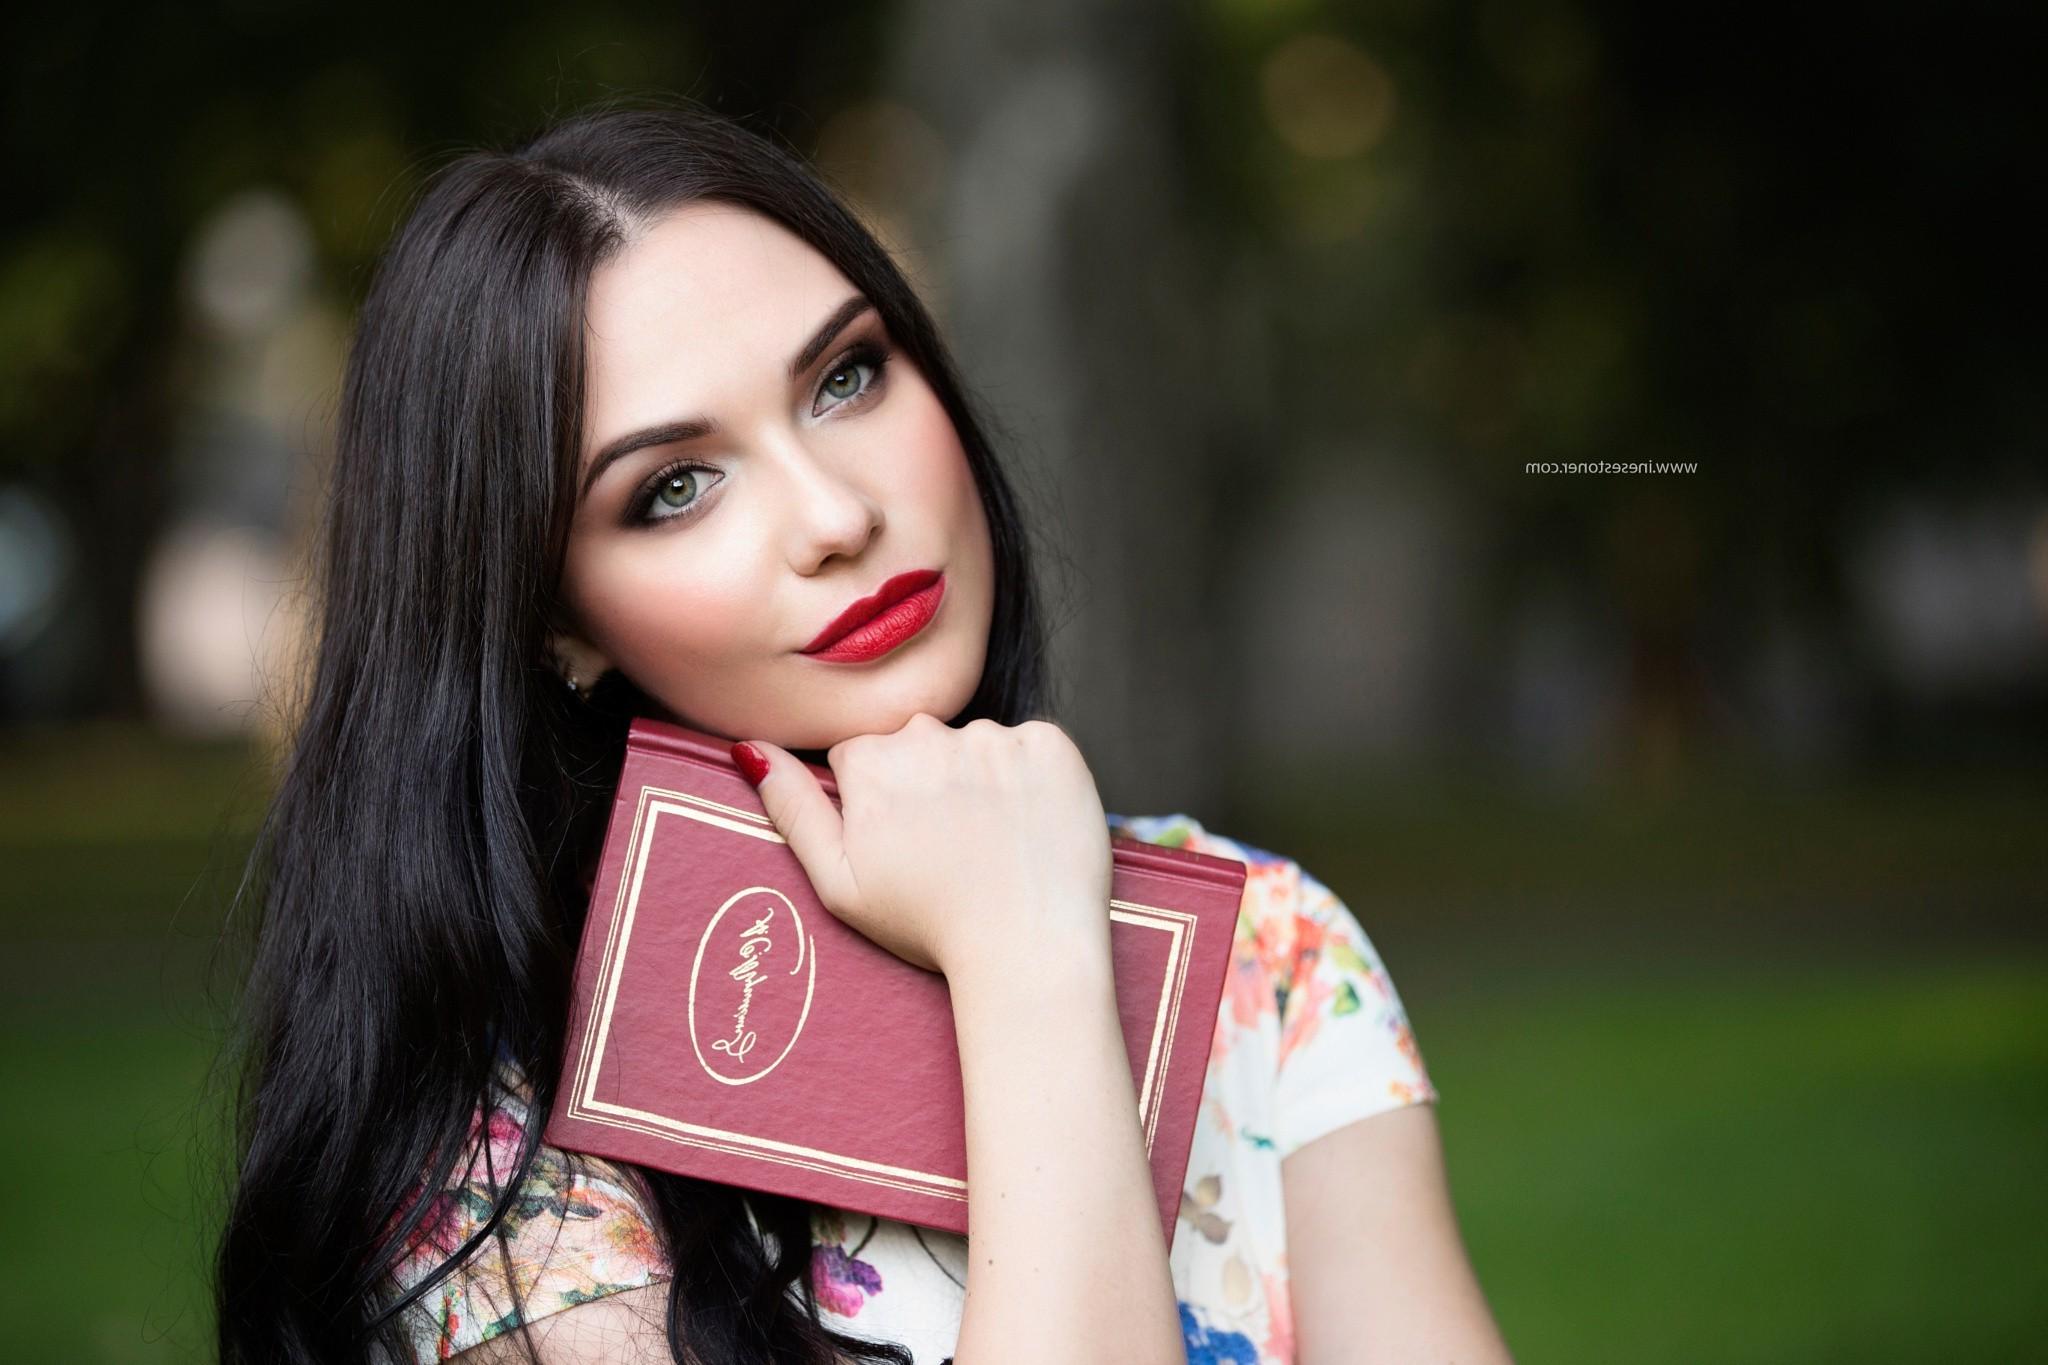 Wallpaper : face, colorful, women, model, depth of field, looking ...